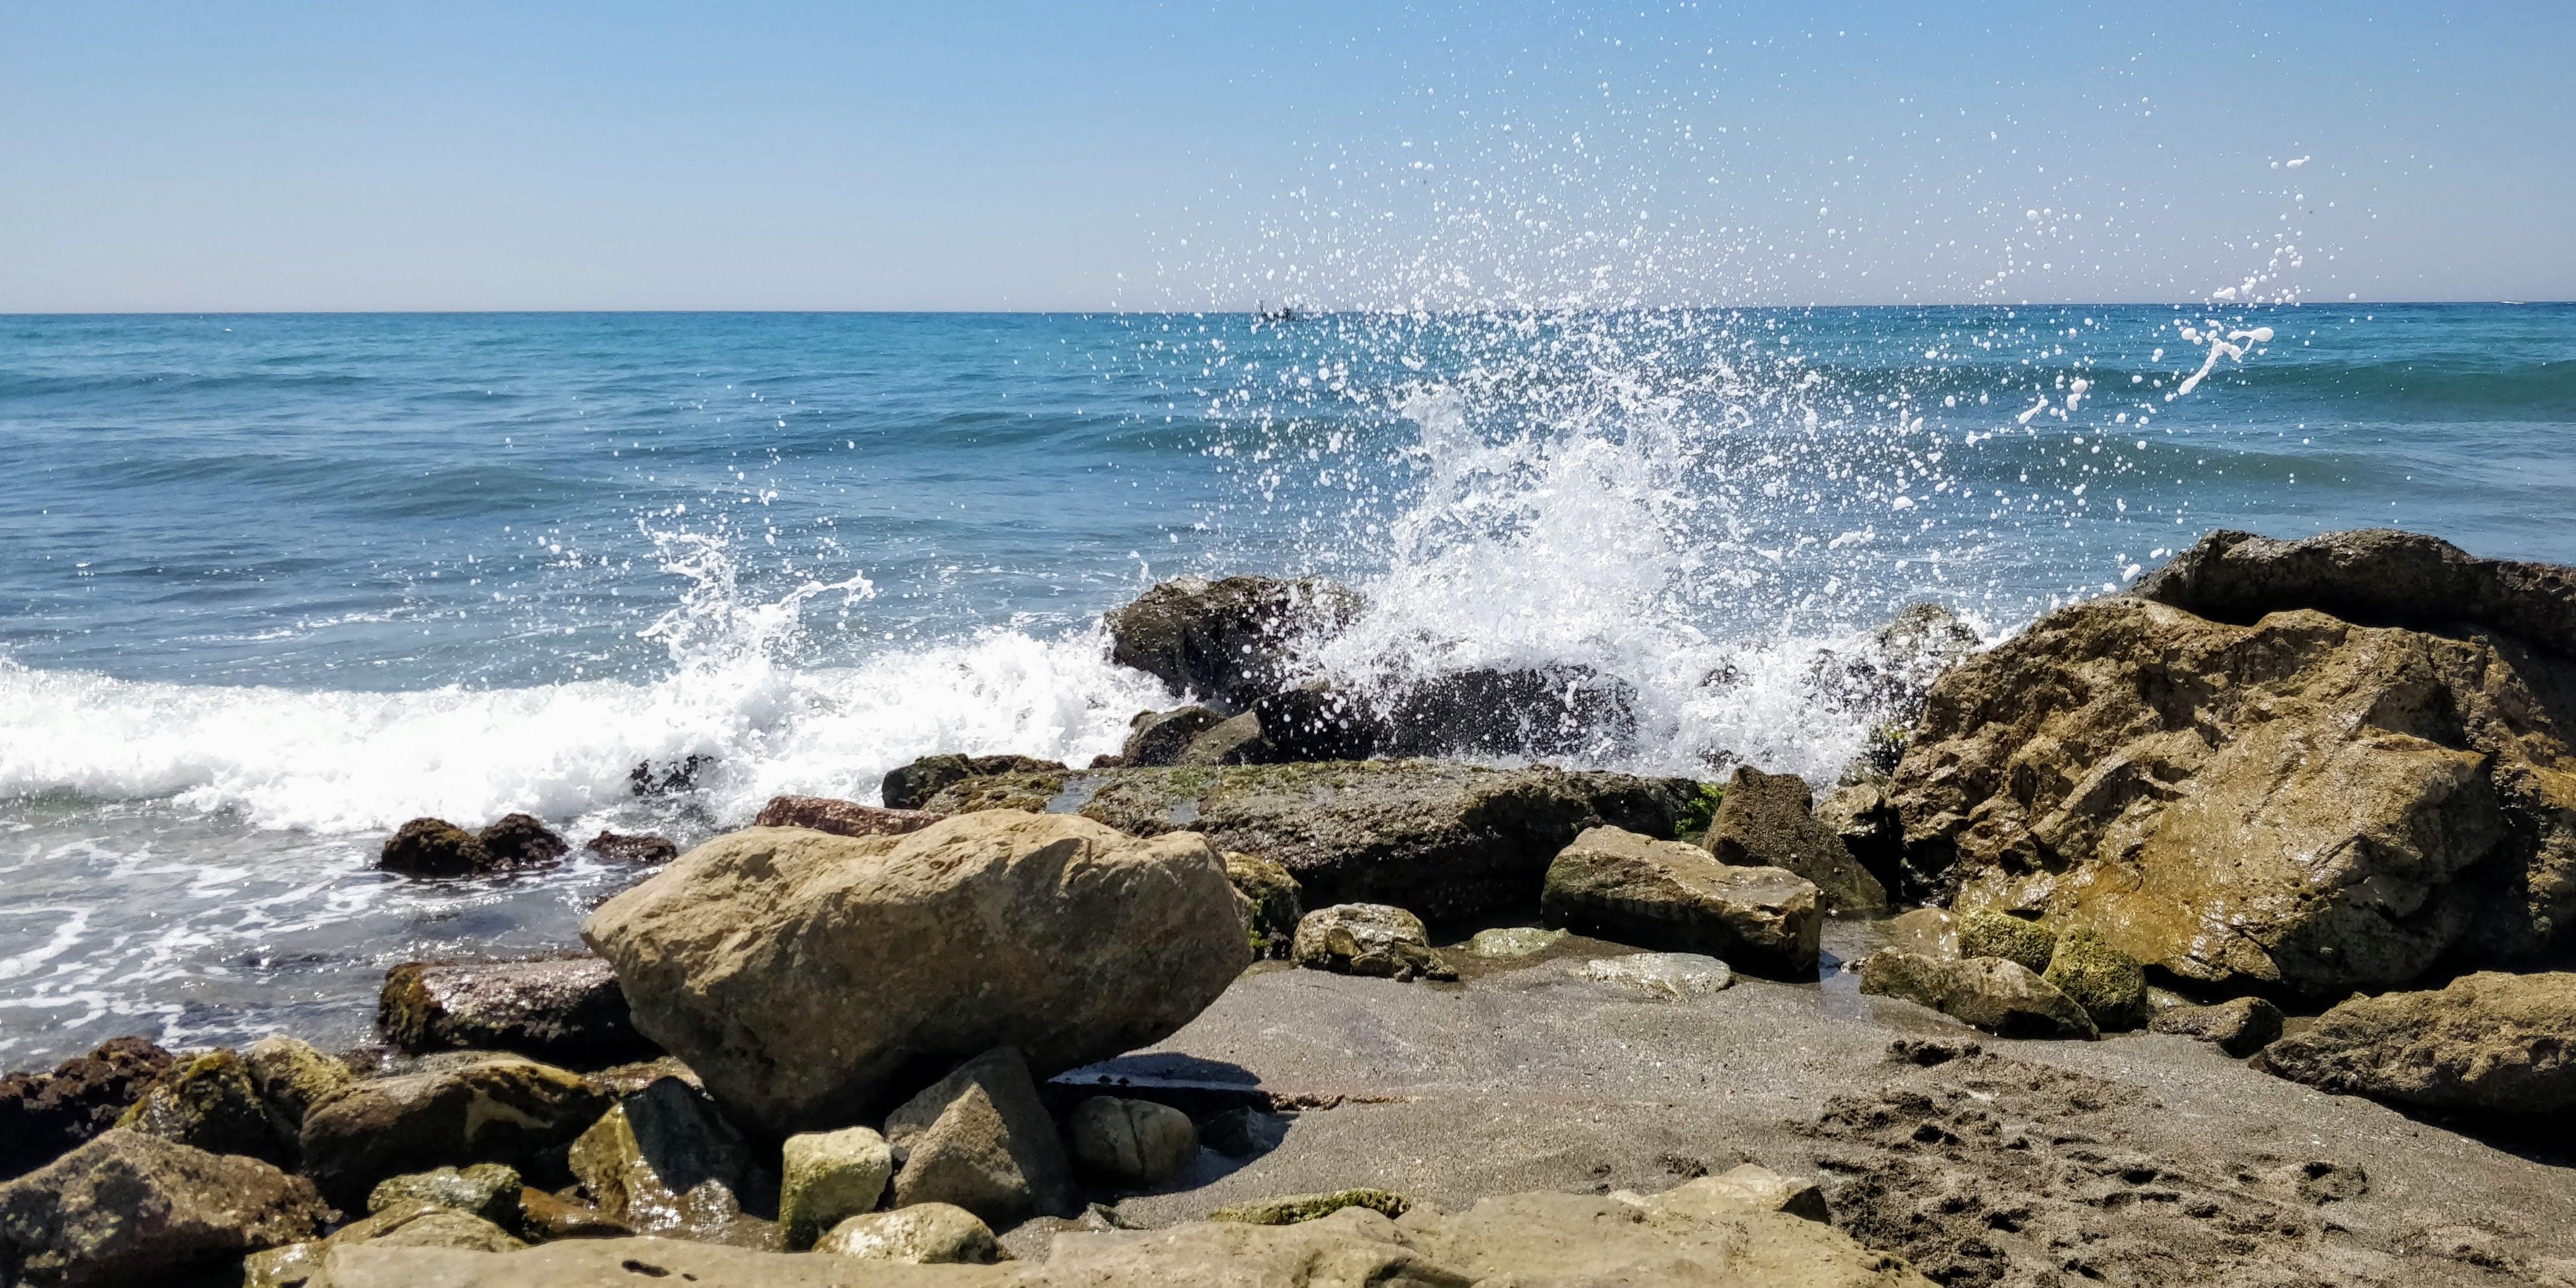 Gratis lagerfoto af blå, blå himmel, bølgeform, bølger